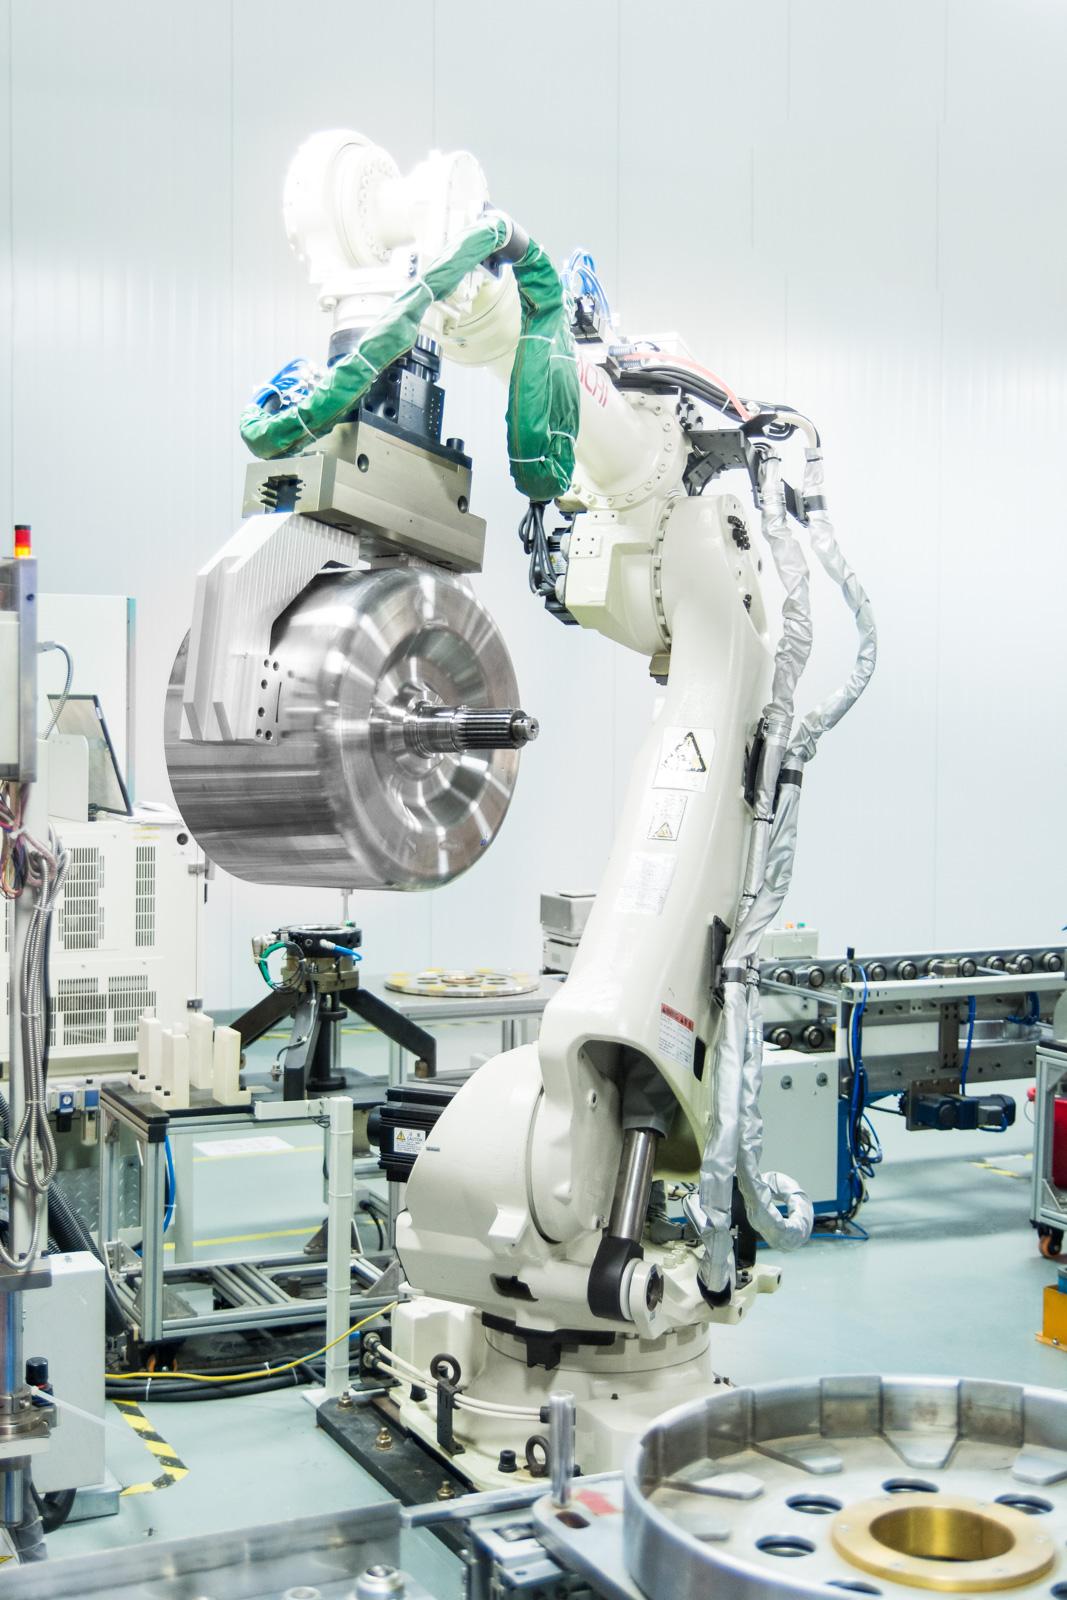 TM4 SUMO rotor taken by robot arm